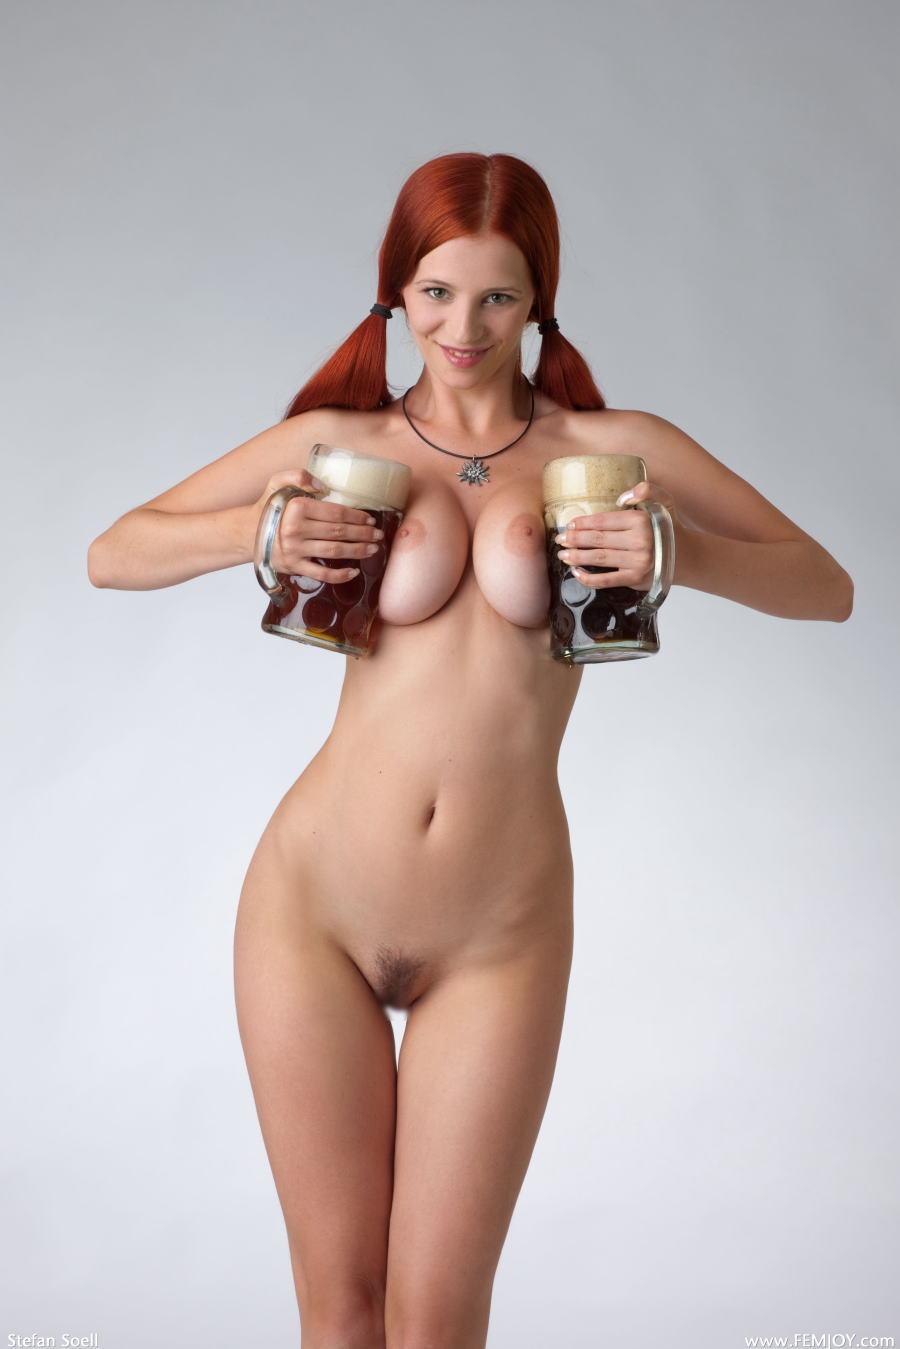 【世界のポルノ極上美女】『マジですごすぎるぞwwww』超おすすめ赤髪美女が拳銃もってヌード写真撮っちゃう<<<<<<<< 6 93